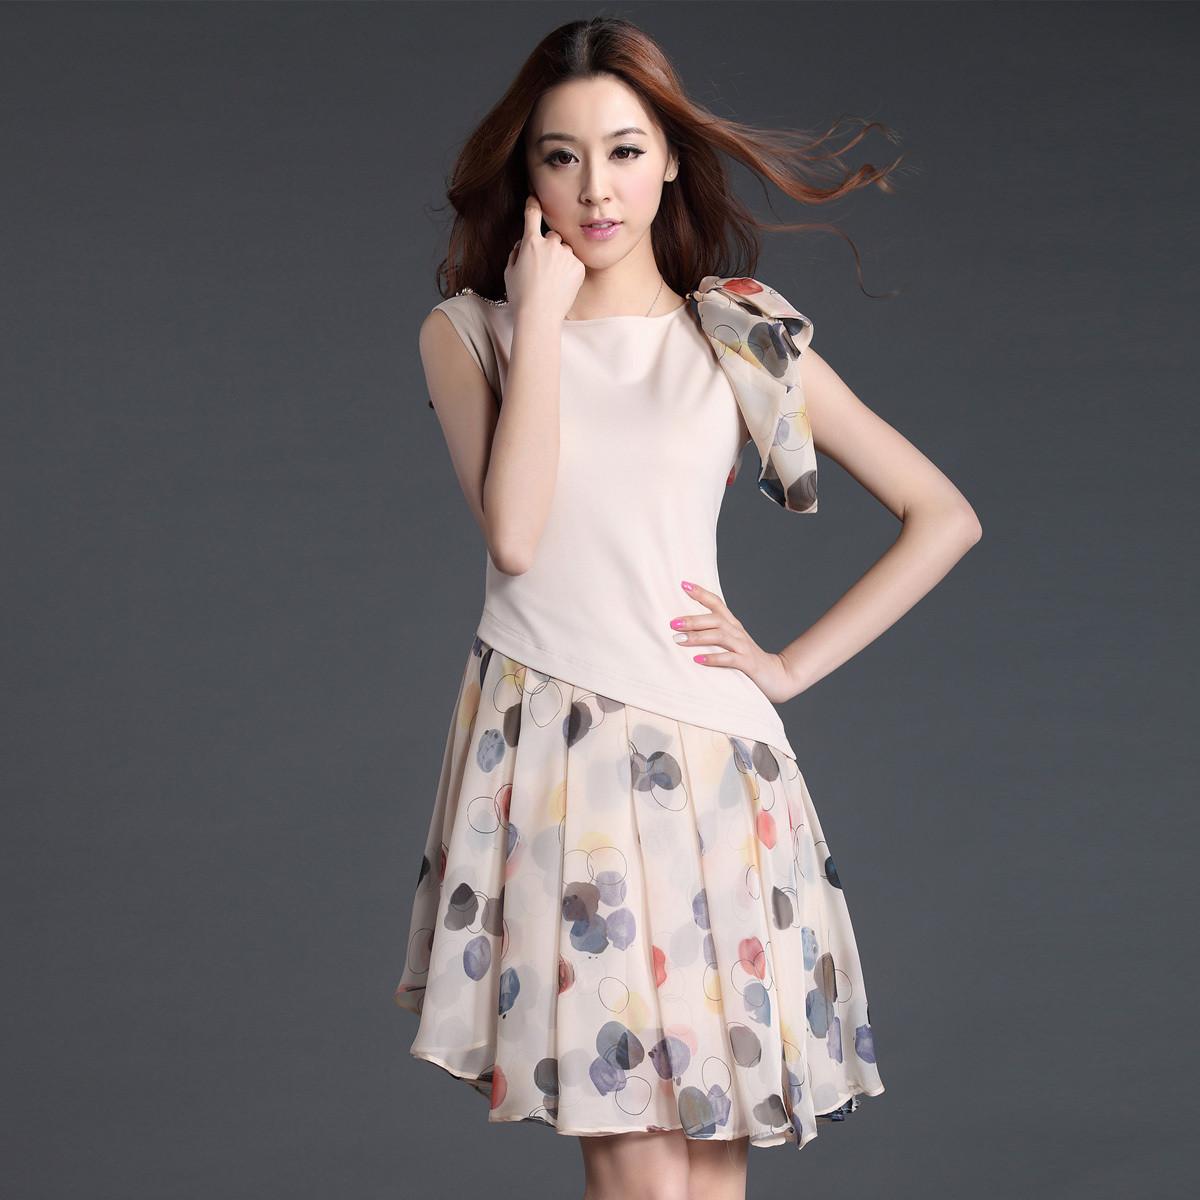 李彦历个体专业提供最新淘衣阁女装批发